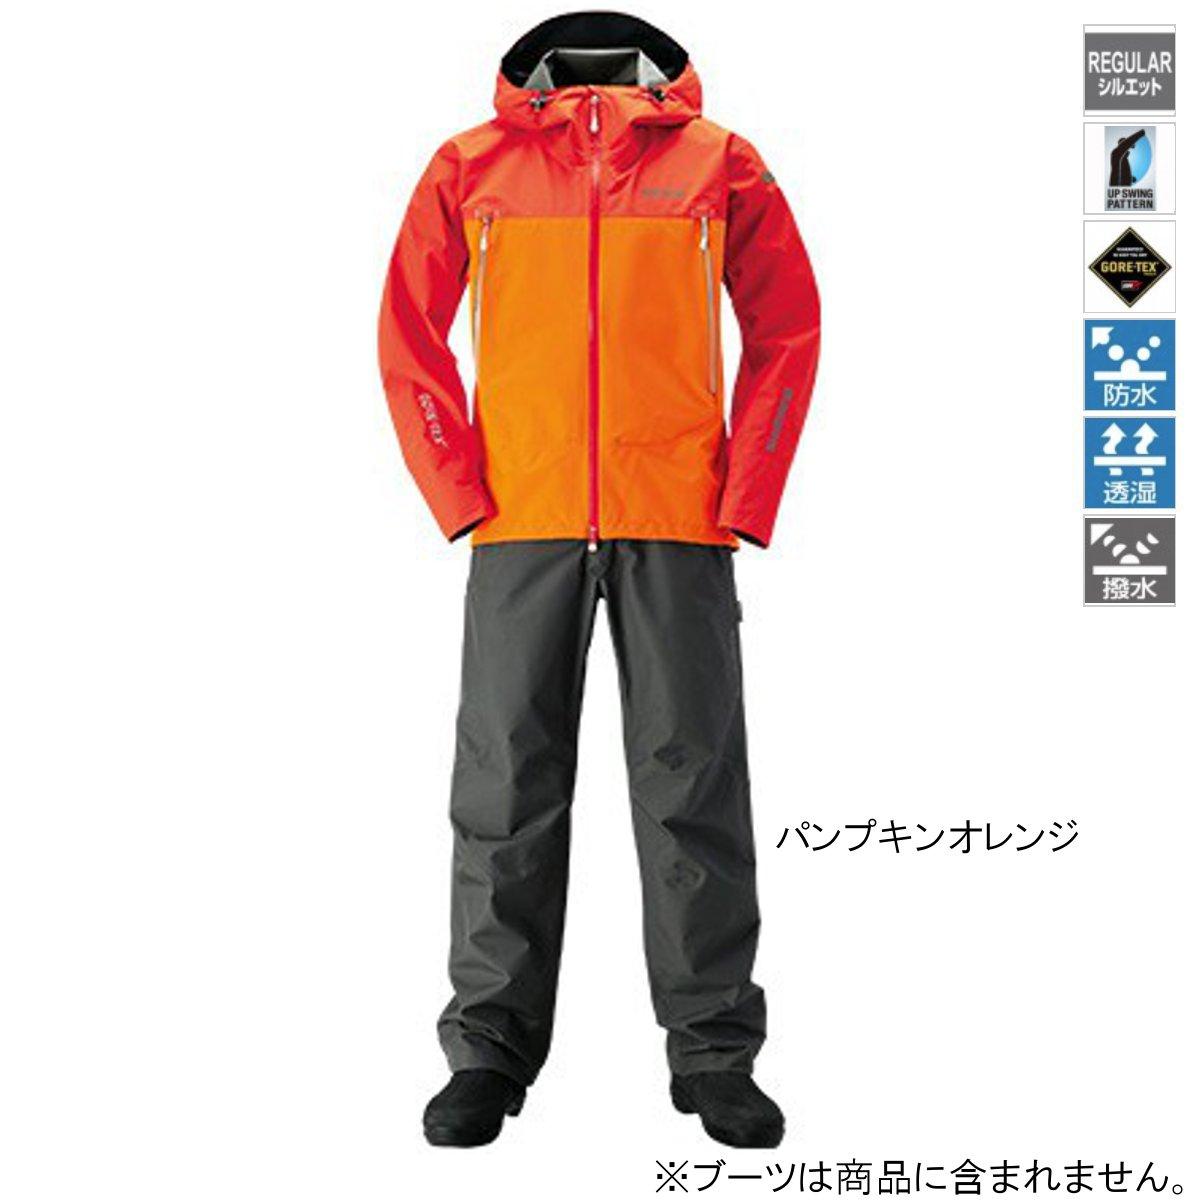 シマノ GORE-TEX ベーシックスーツ RA-017R M パンプキンオレンジ